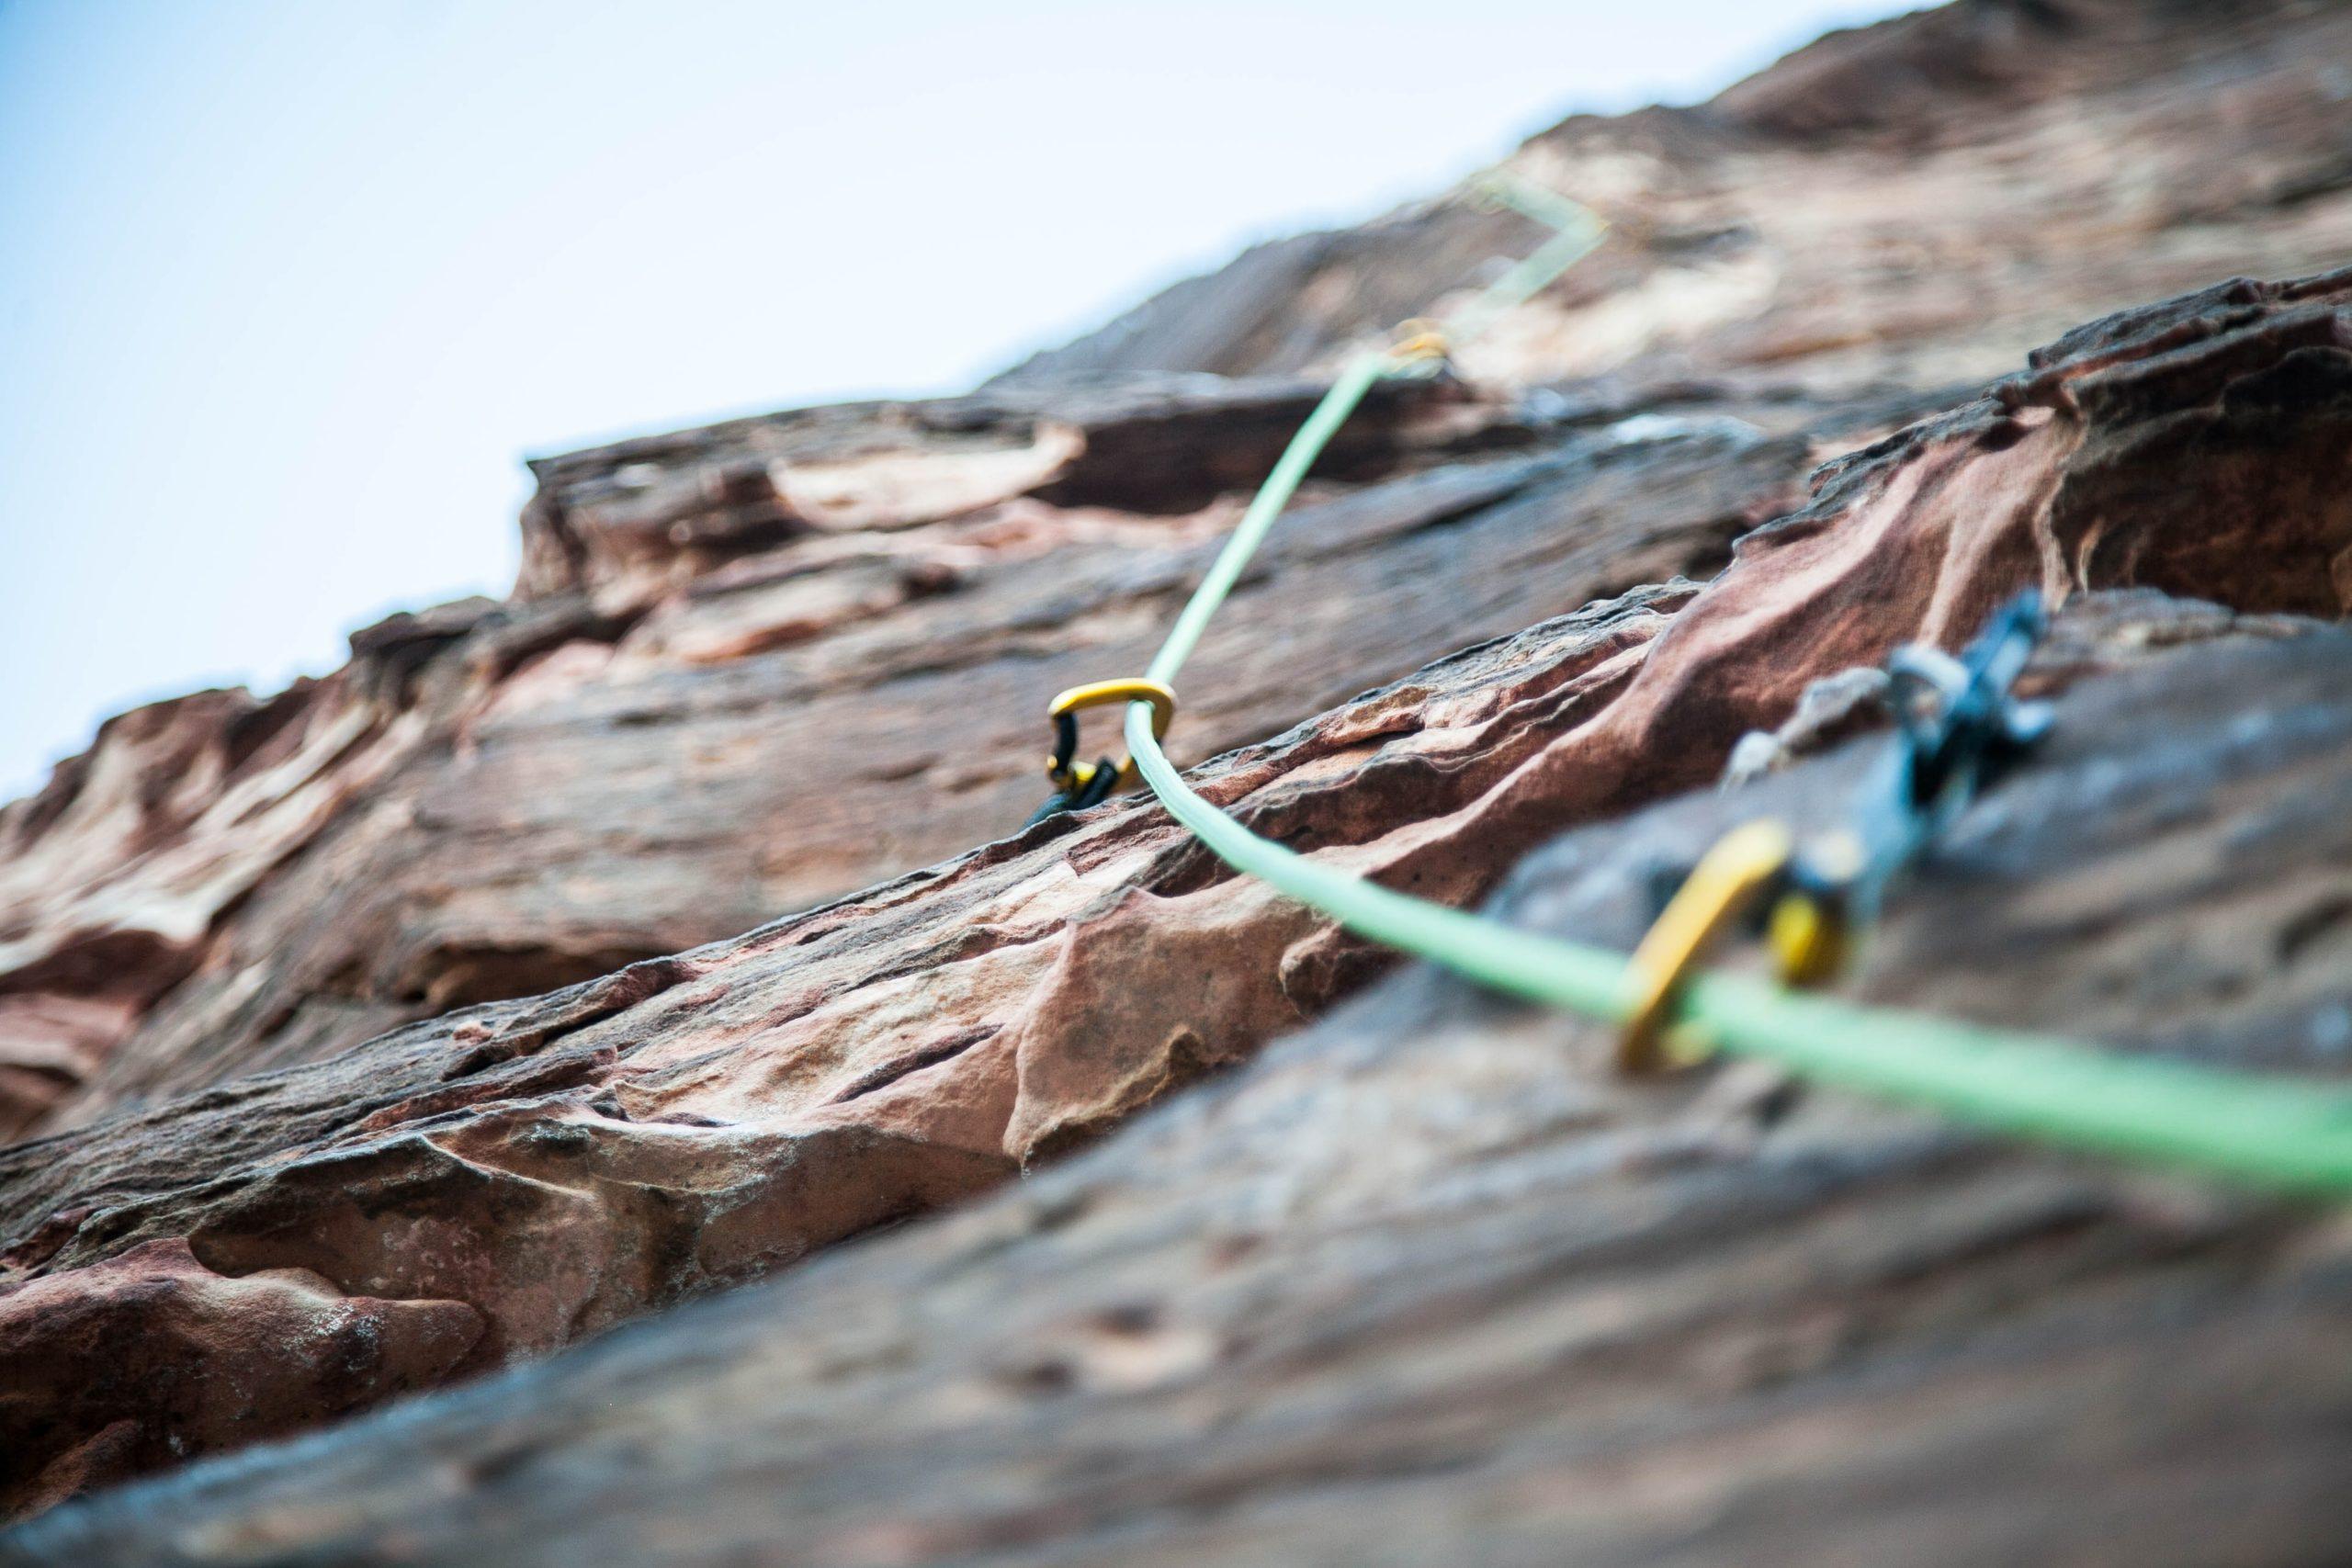 Wspinaczka na skałkach – co zabrać?